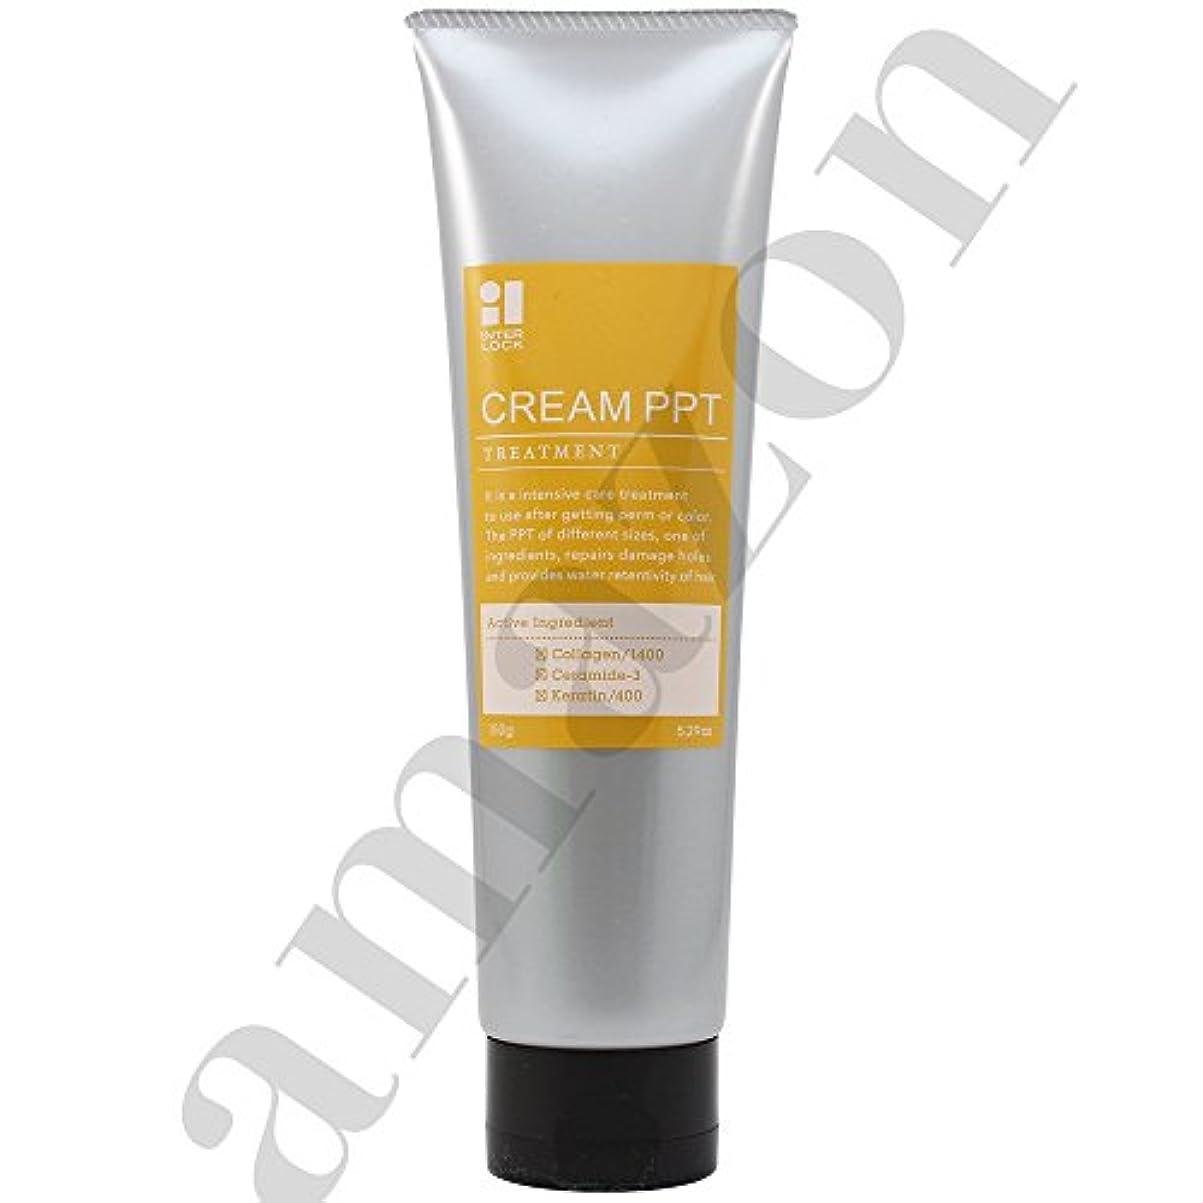 先例荒涼とした免除する香栄化学(Model Cosmetics) インターロック クリームPPT S 150g